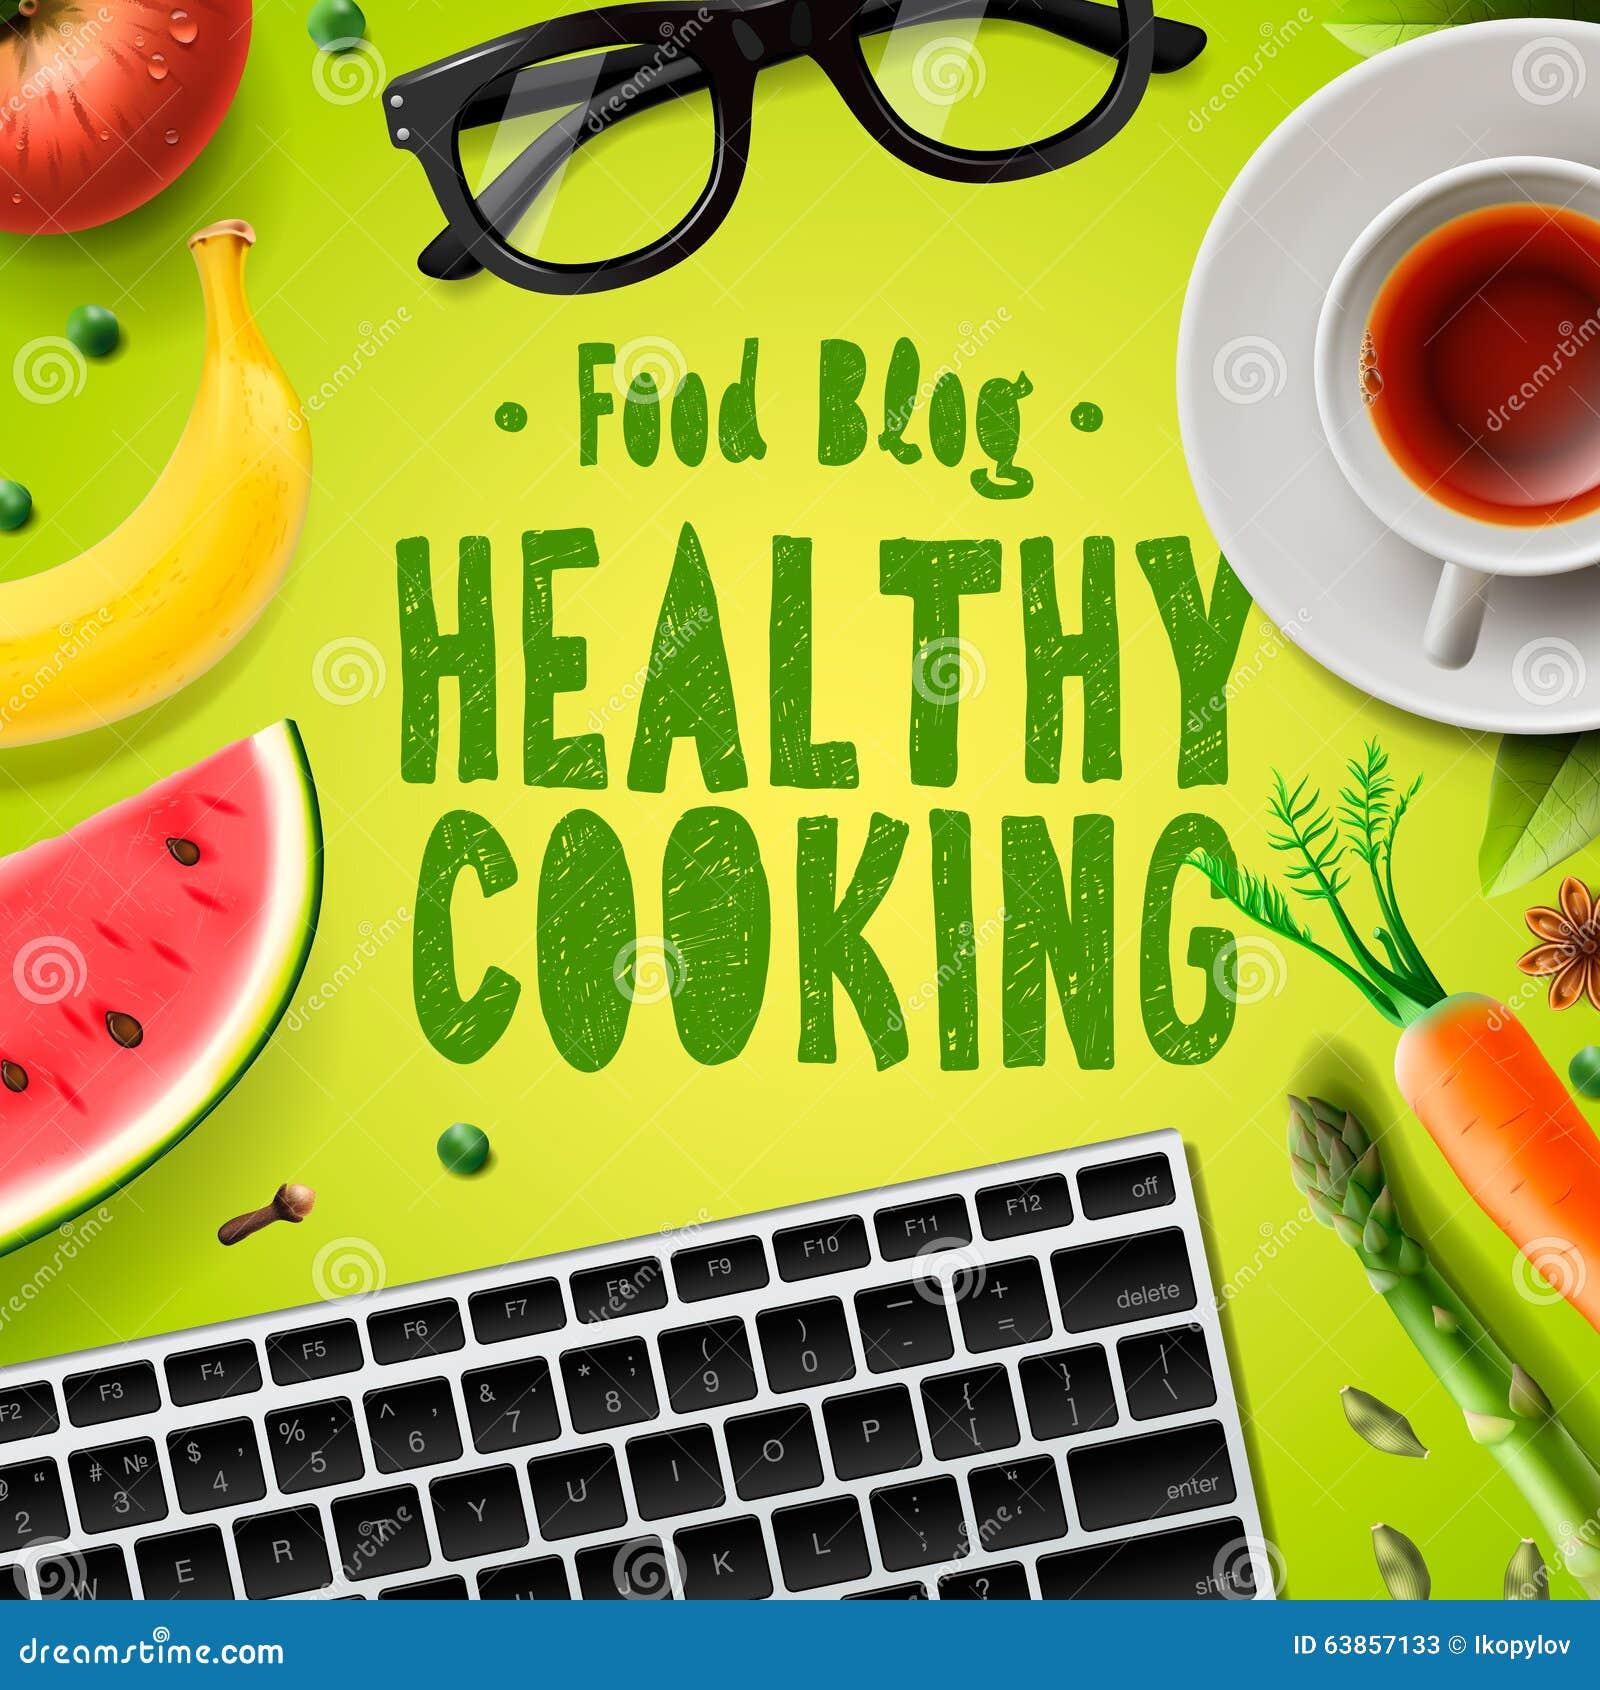 food blog healthy cooking recipes online stock illustration image 63857133. Black Bedroom Furniture Sets. Home Design Ideas